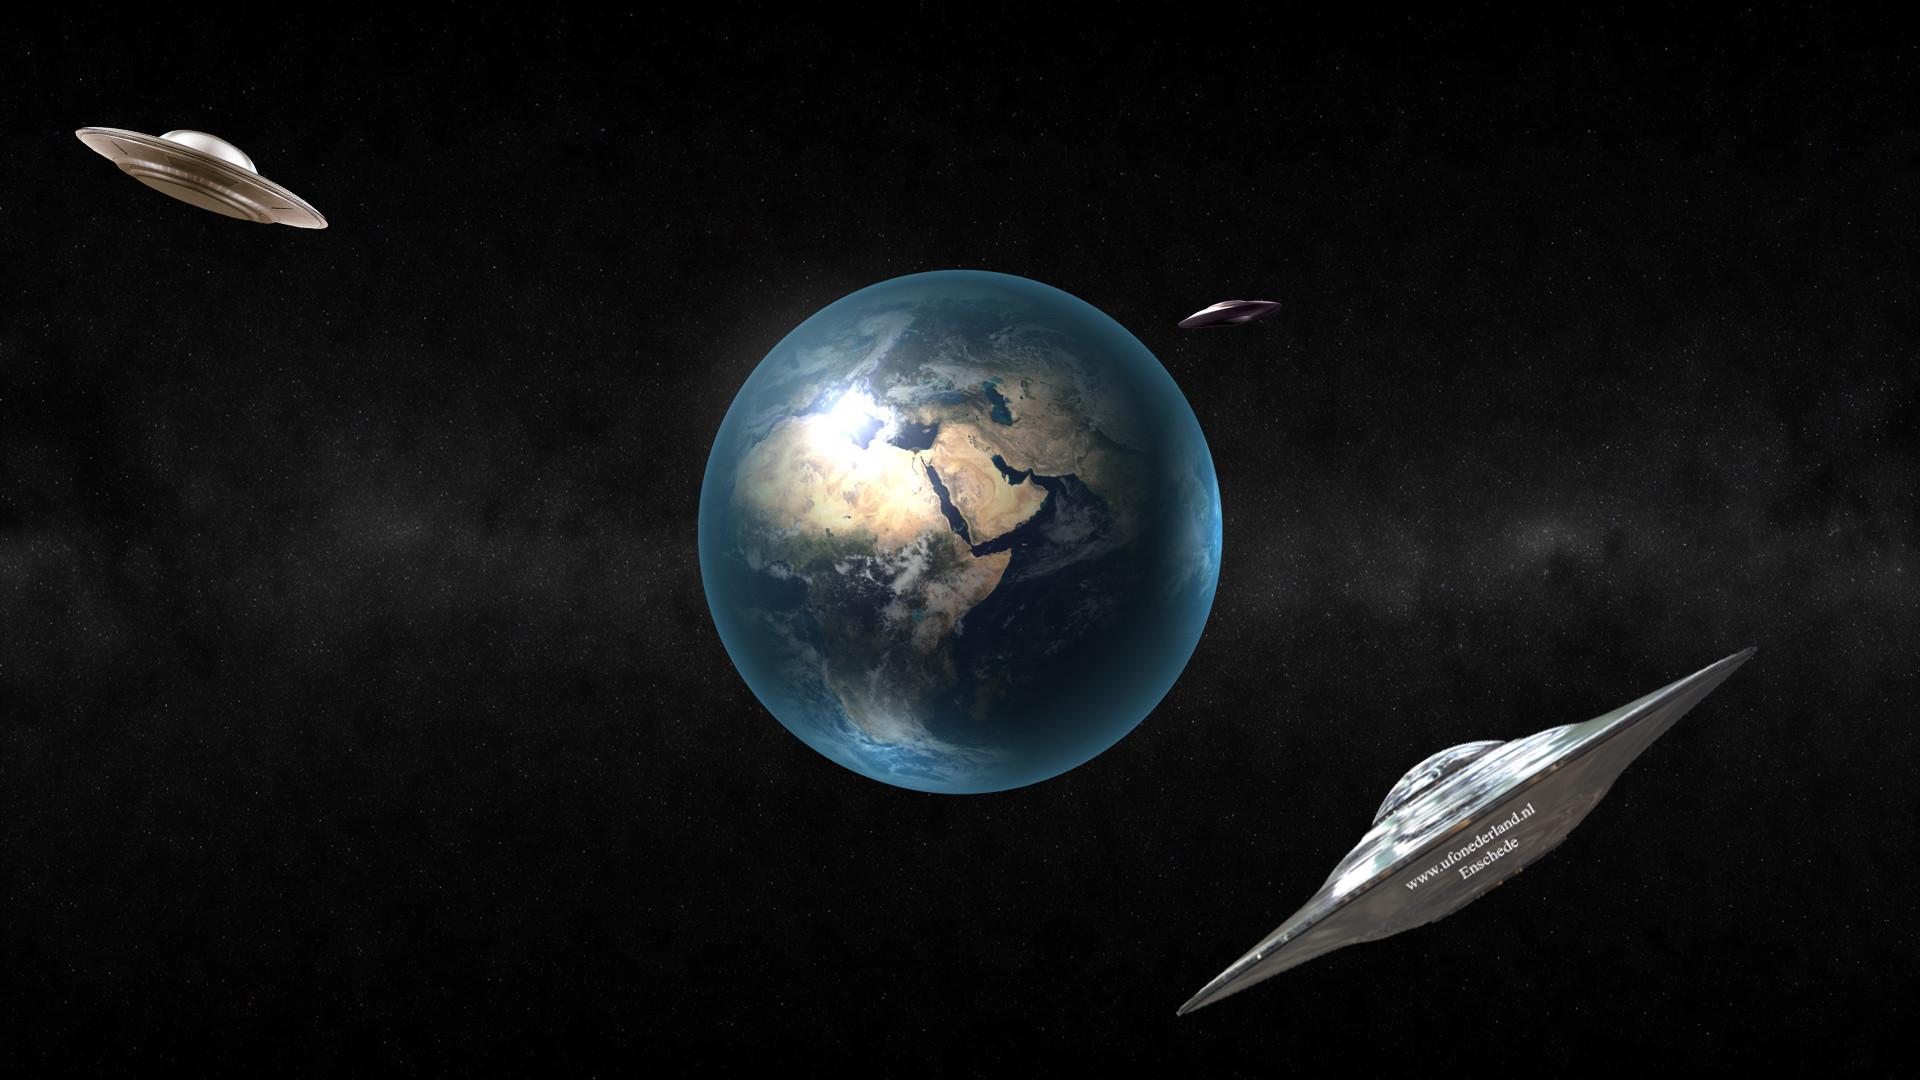 Full HD UFO Wallpaper / Space-earth-ufo-hd-